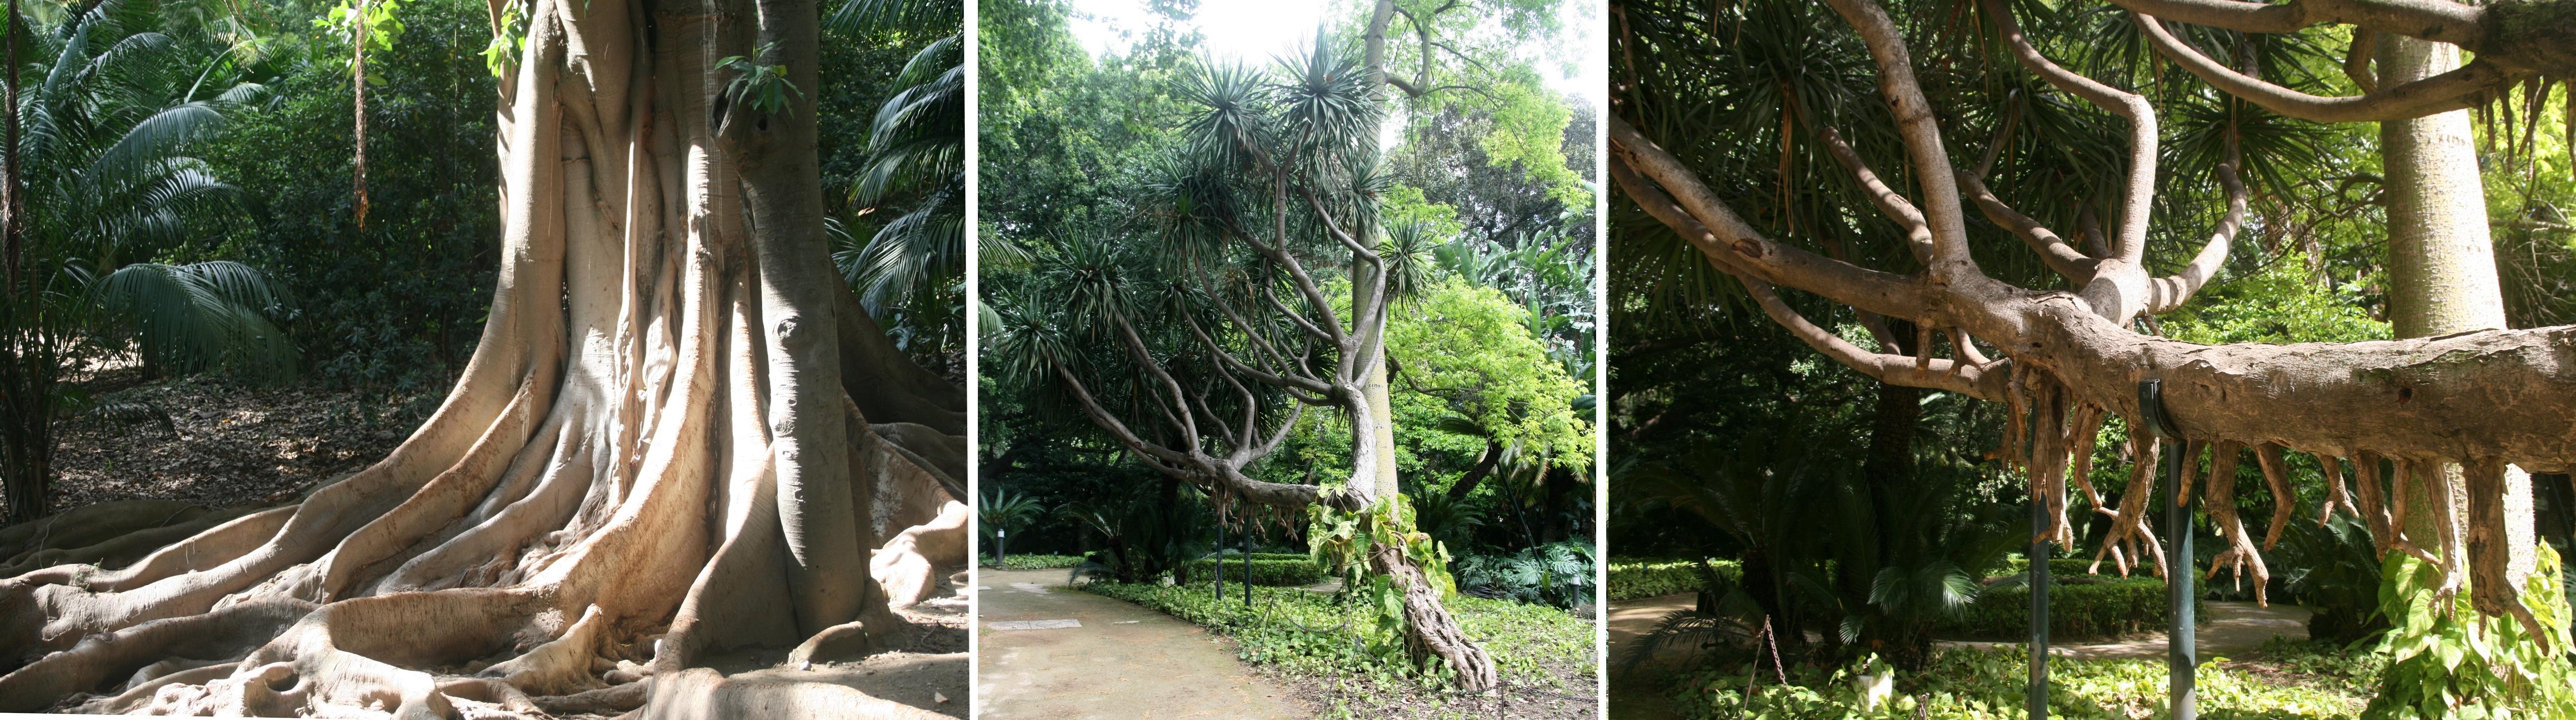 Parmi les arbres remarquables, ce Ficus macrophylla ou ce Dracaena draco L plus que centenaires - © J.-F. Coffin